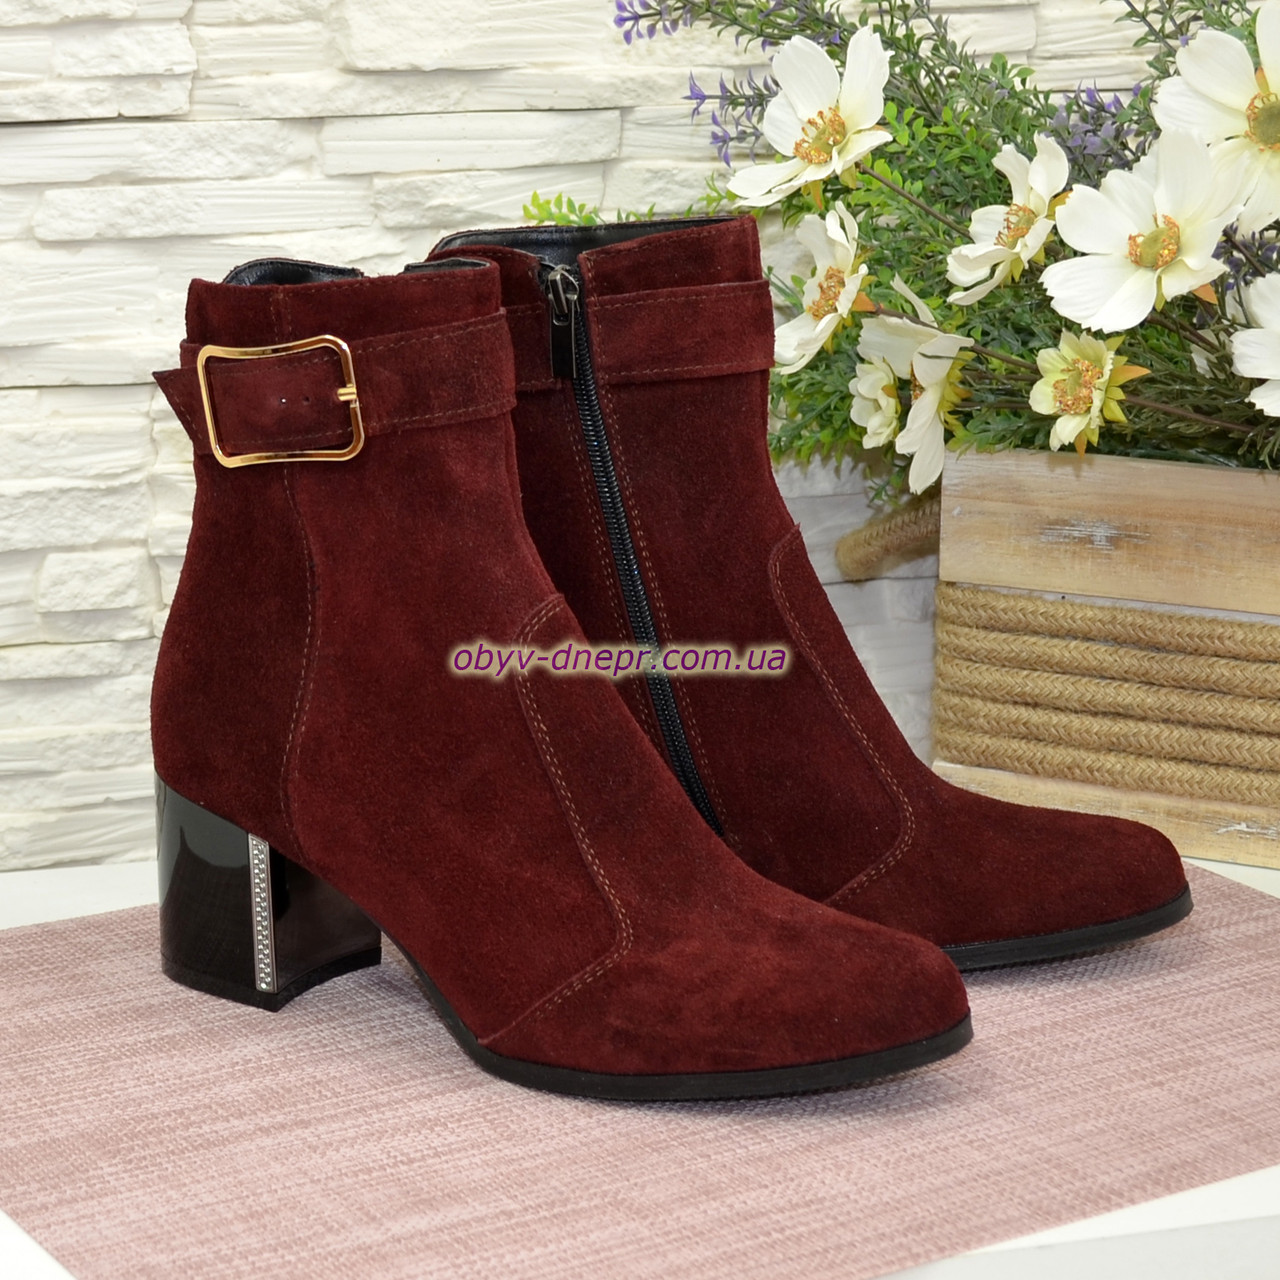 Ботинки зимние замшевые на невысоком каблуке, декорированы ремешком. Цвет бордо